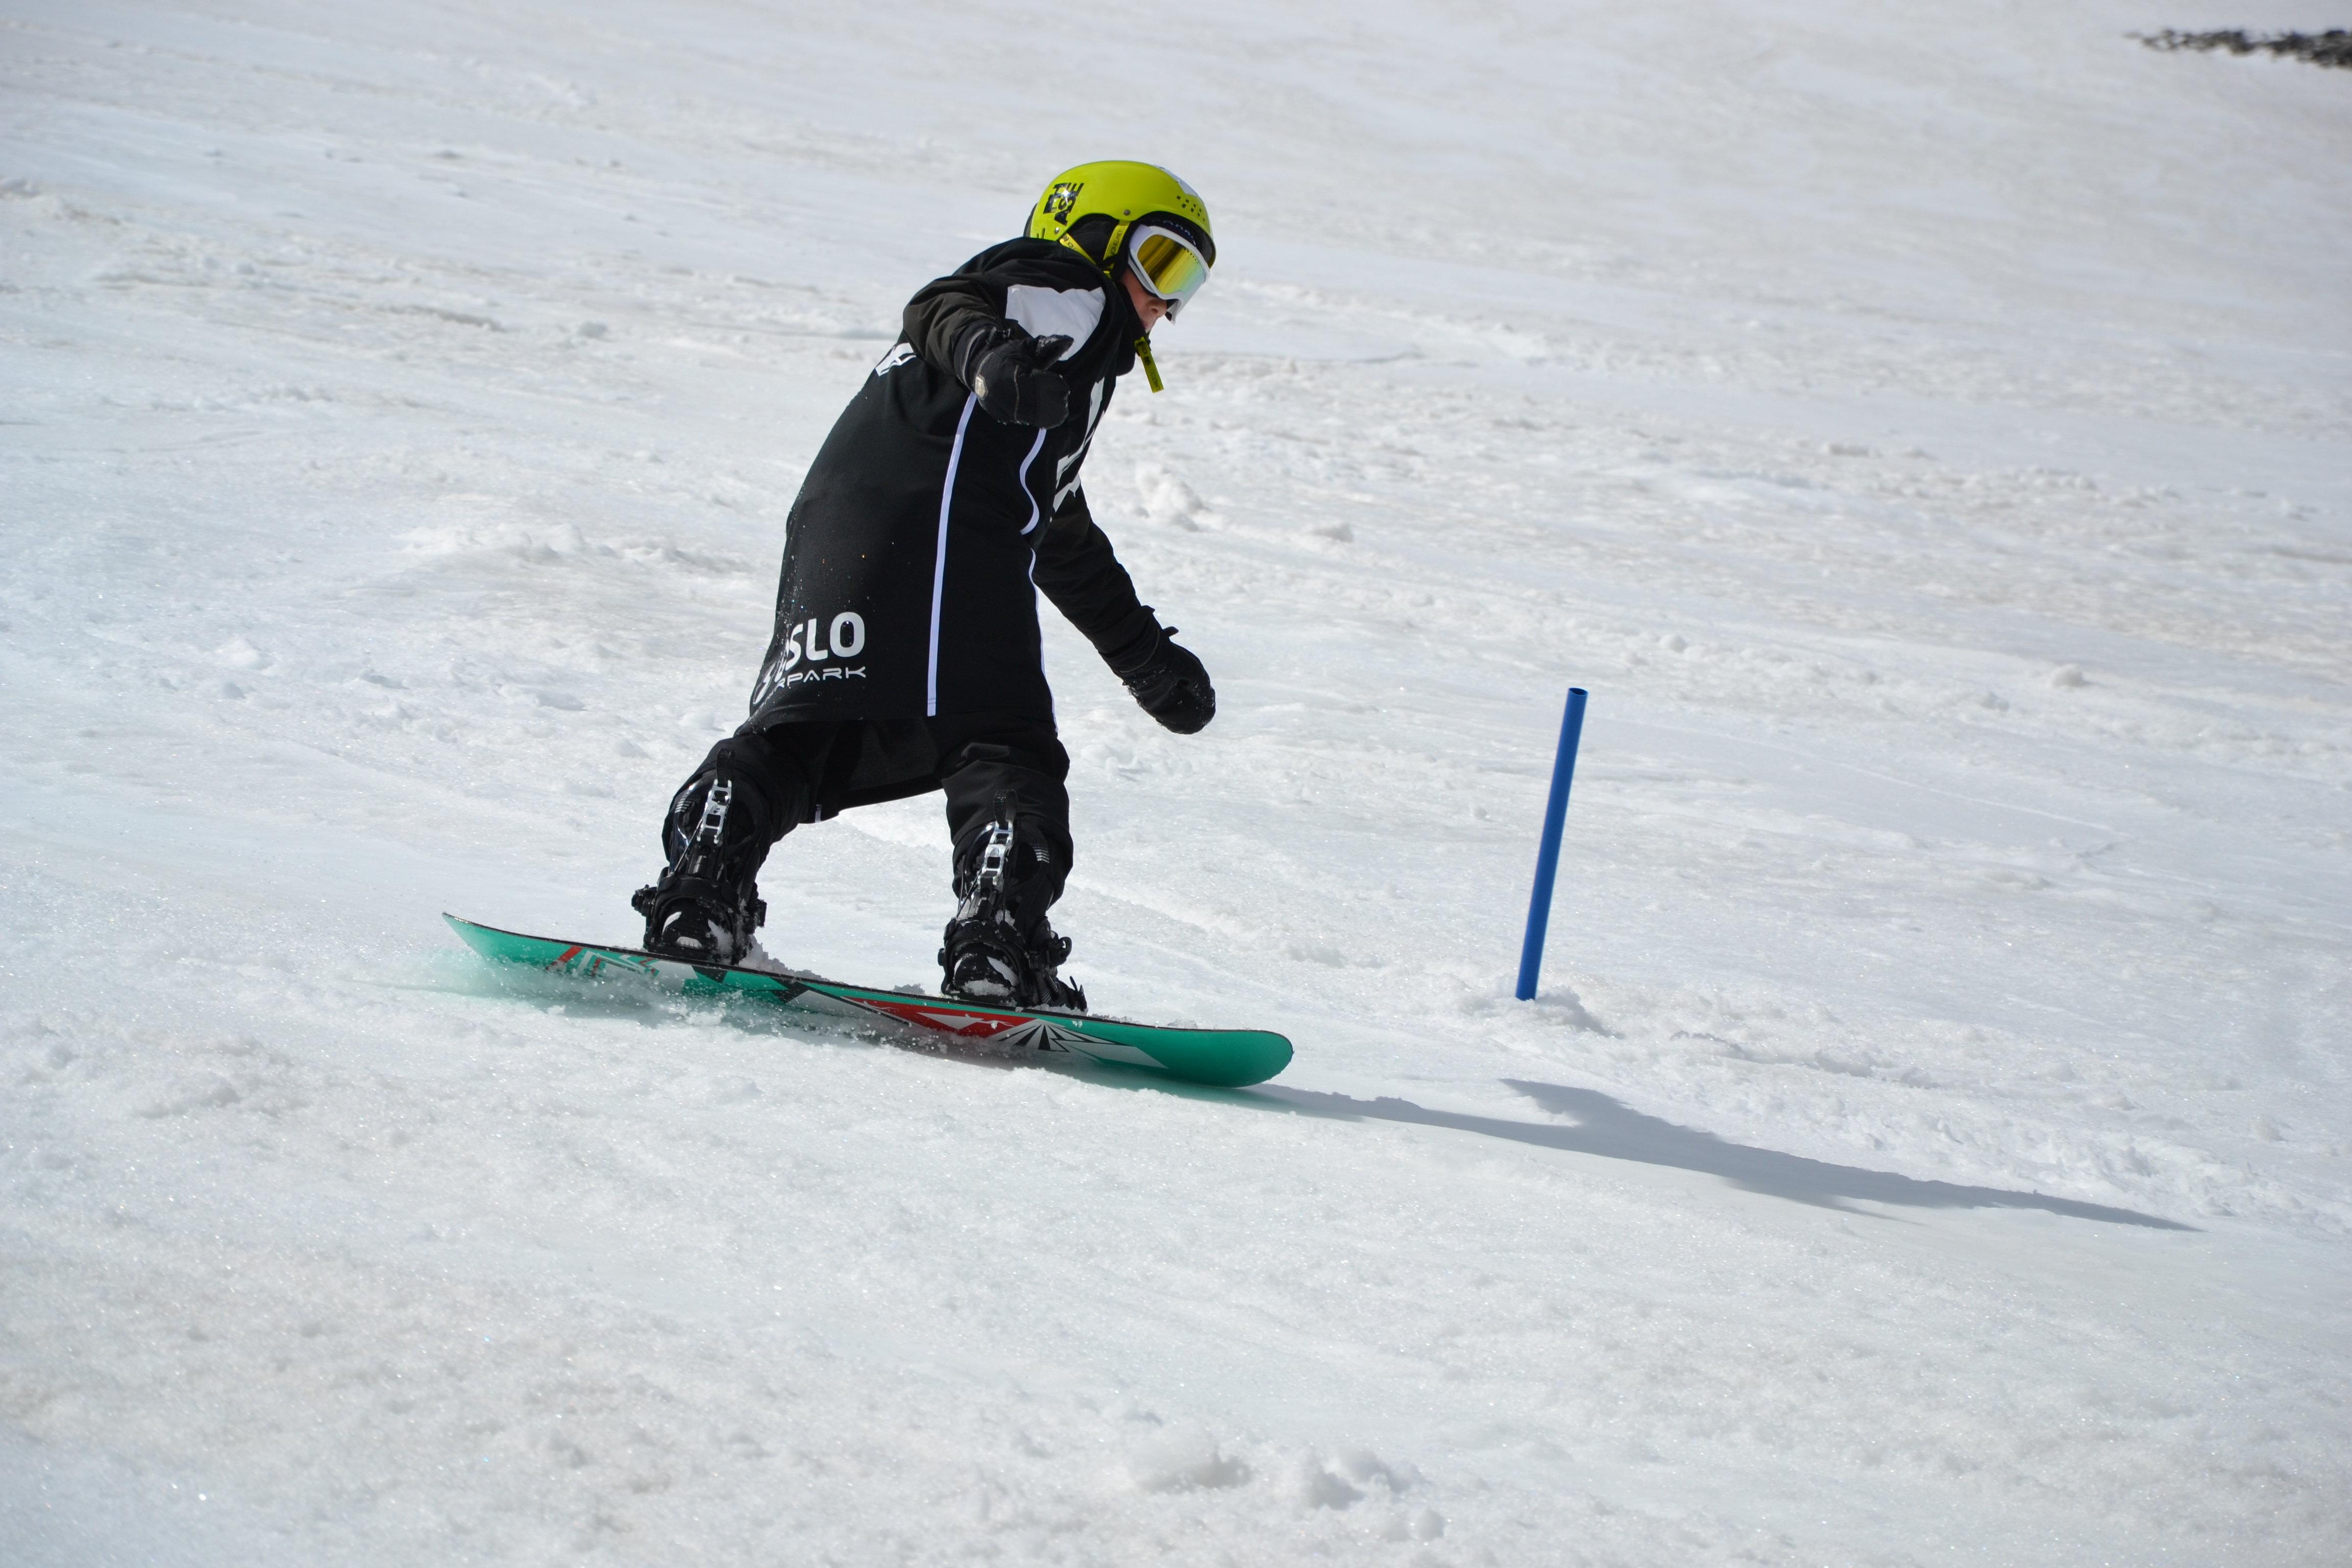 Medlem i Funkis snowboardklubb i aksjon i bakken